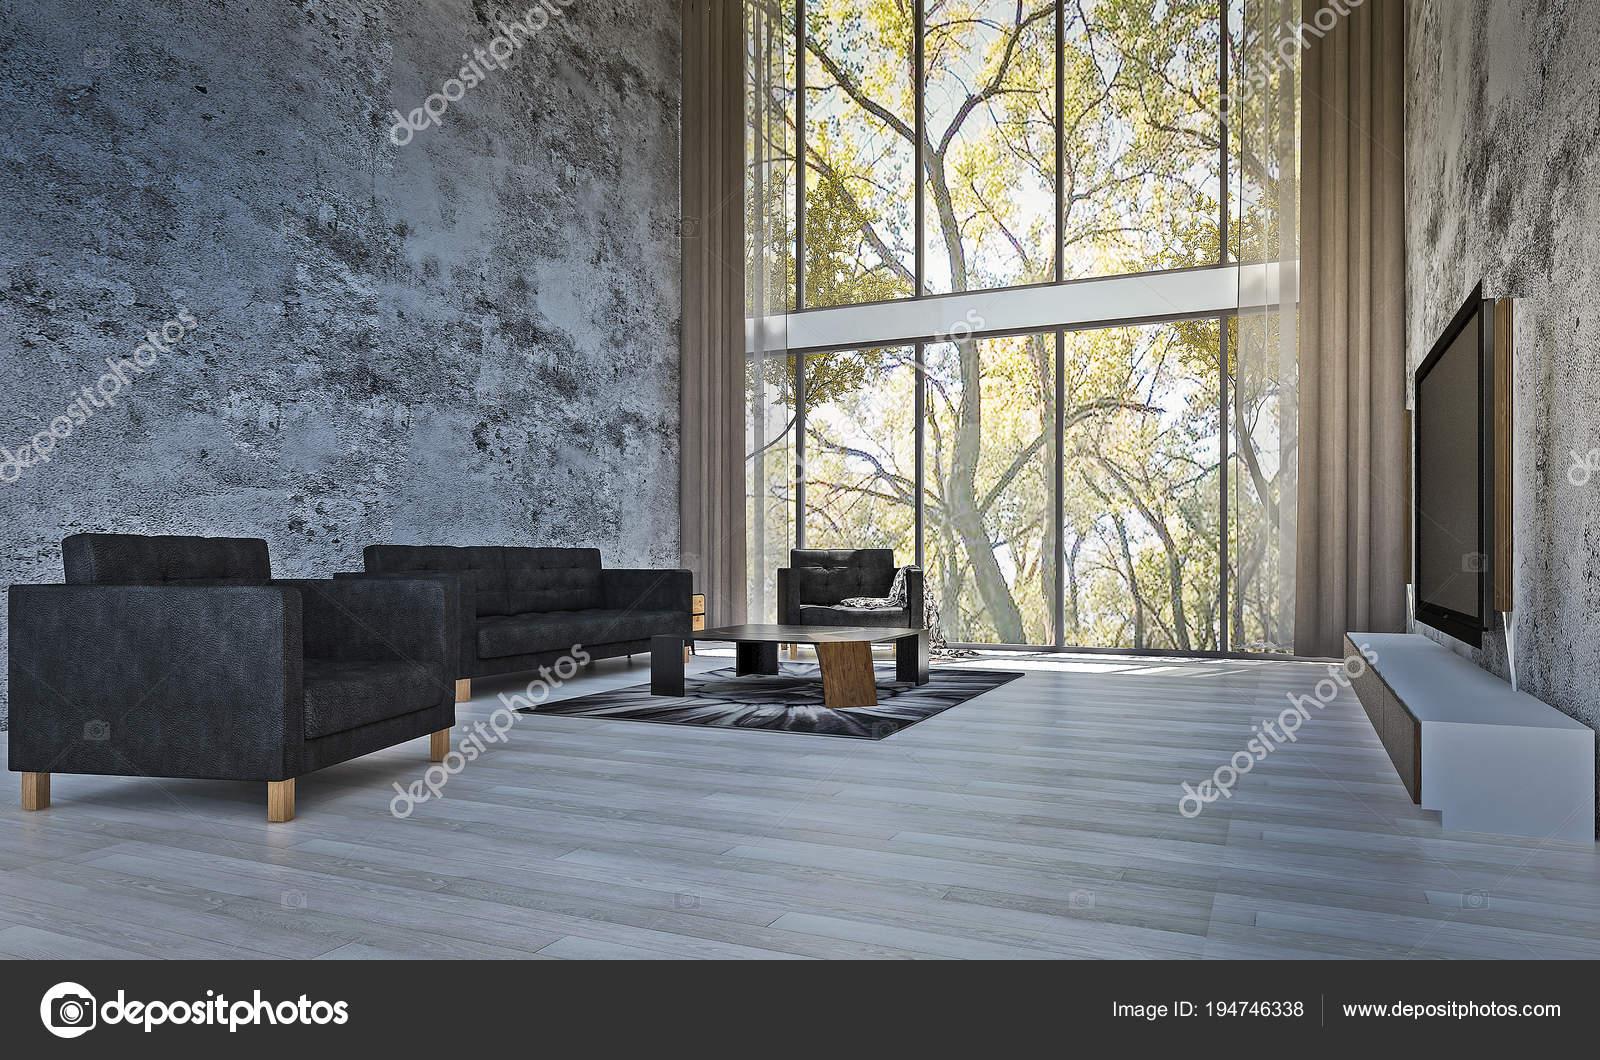 Woonkamer Met Beton : Het interieur van het moderne loft woonkamer beton patroon